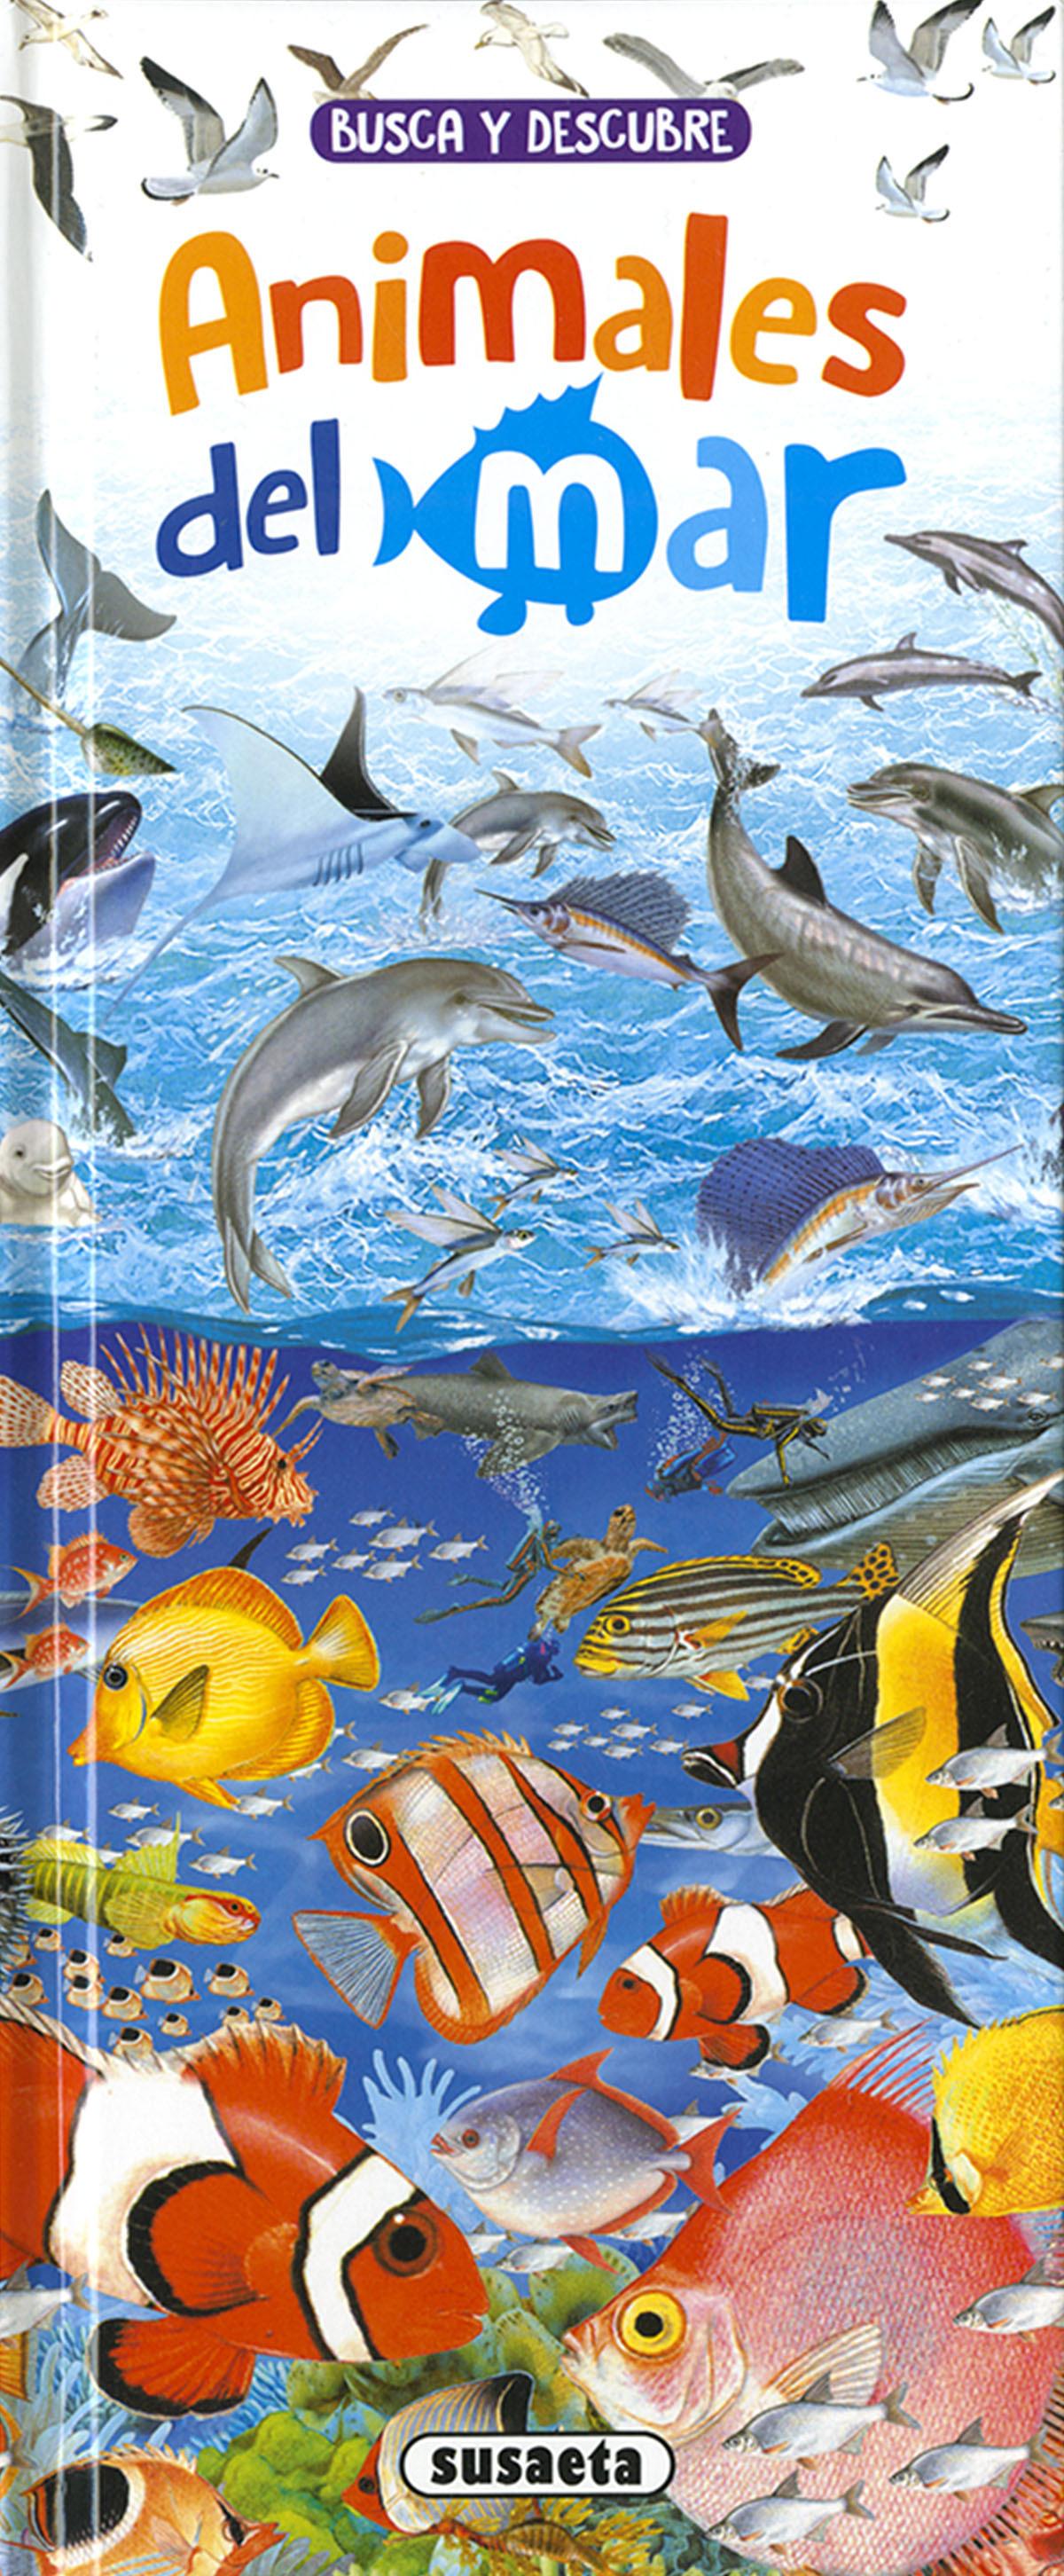 Busca y descubre Animales del mar 9788467775433